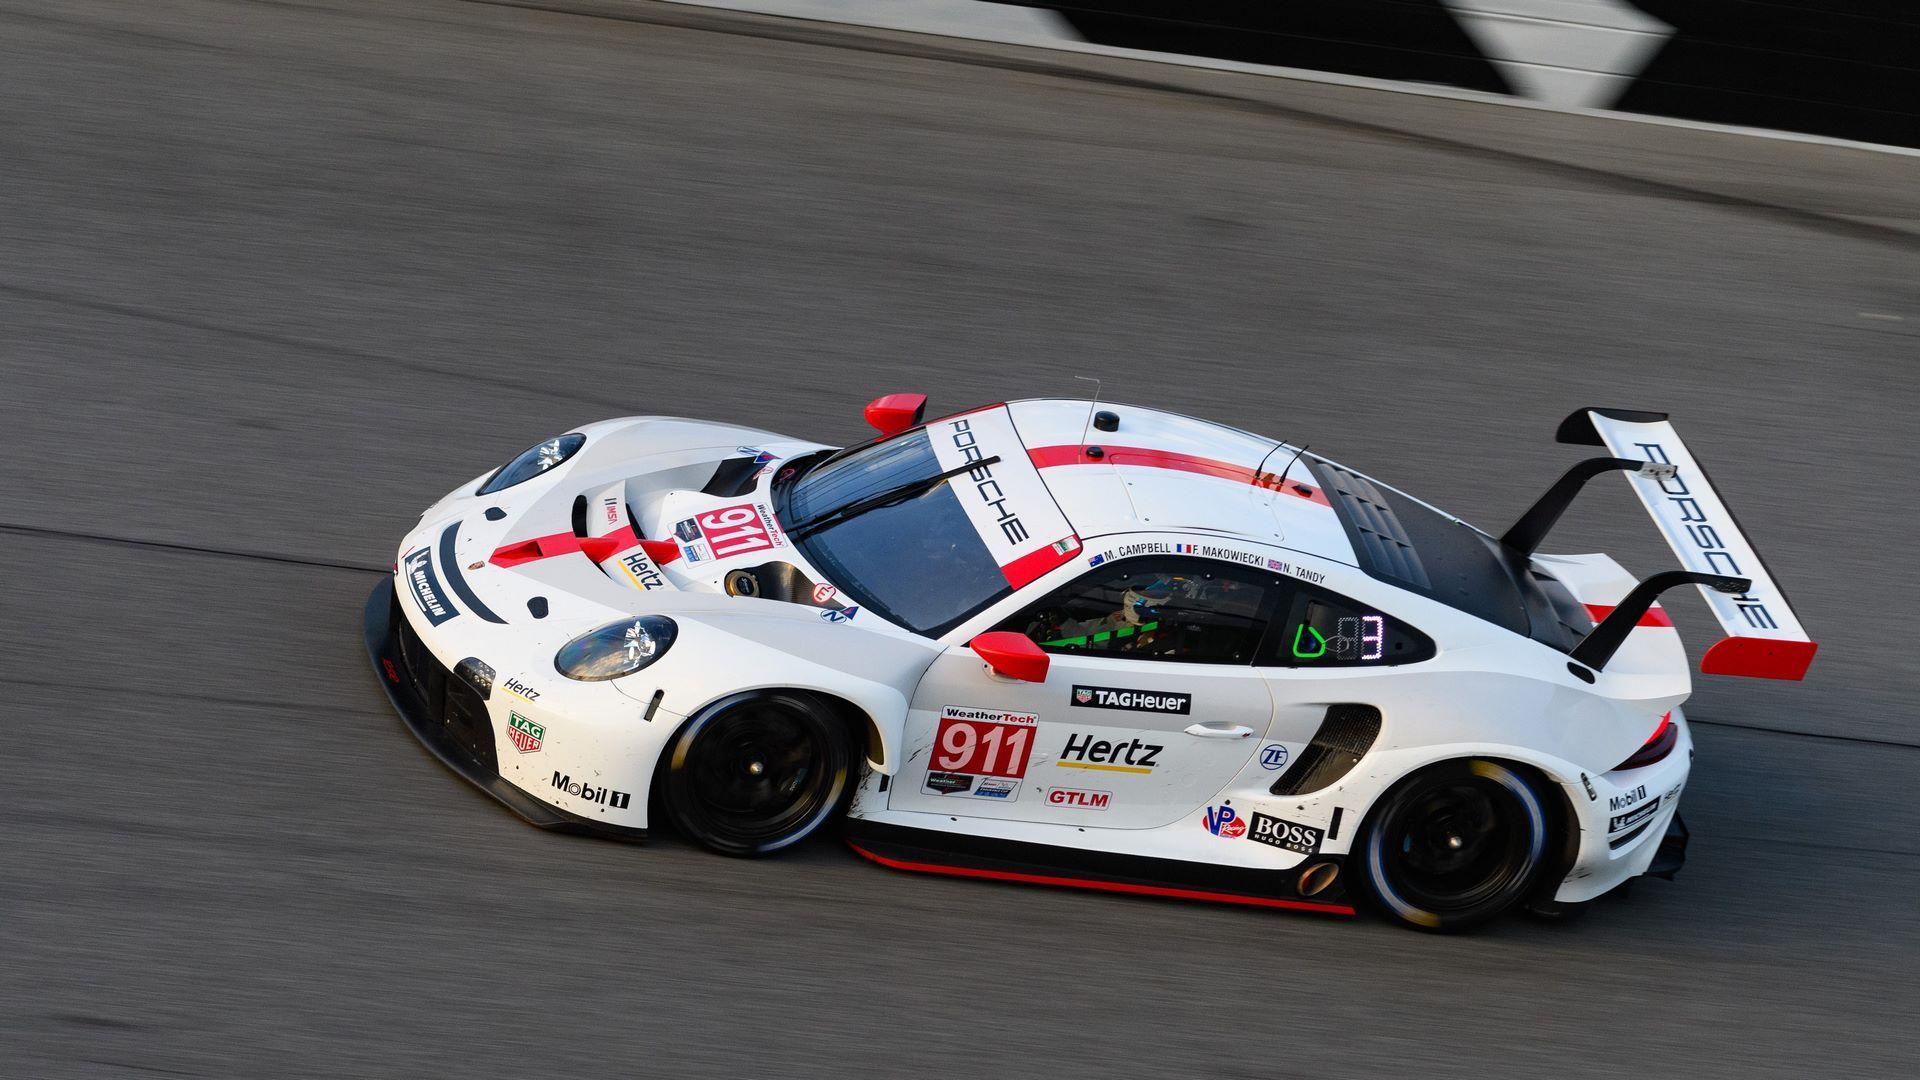 Porsche-911-RSR-IMSA-16